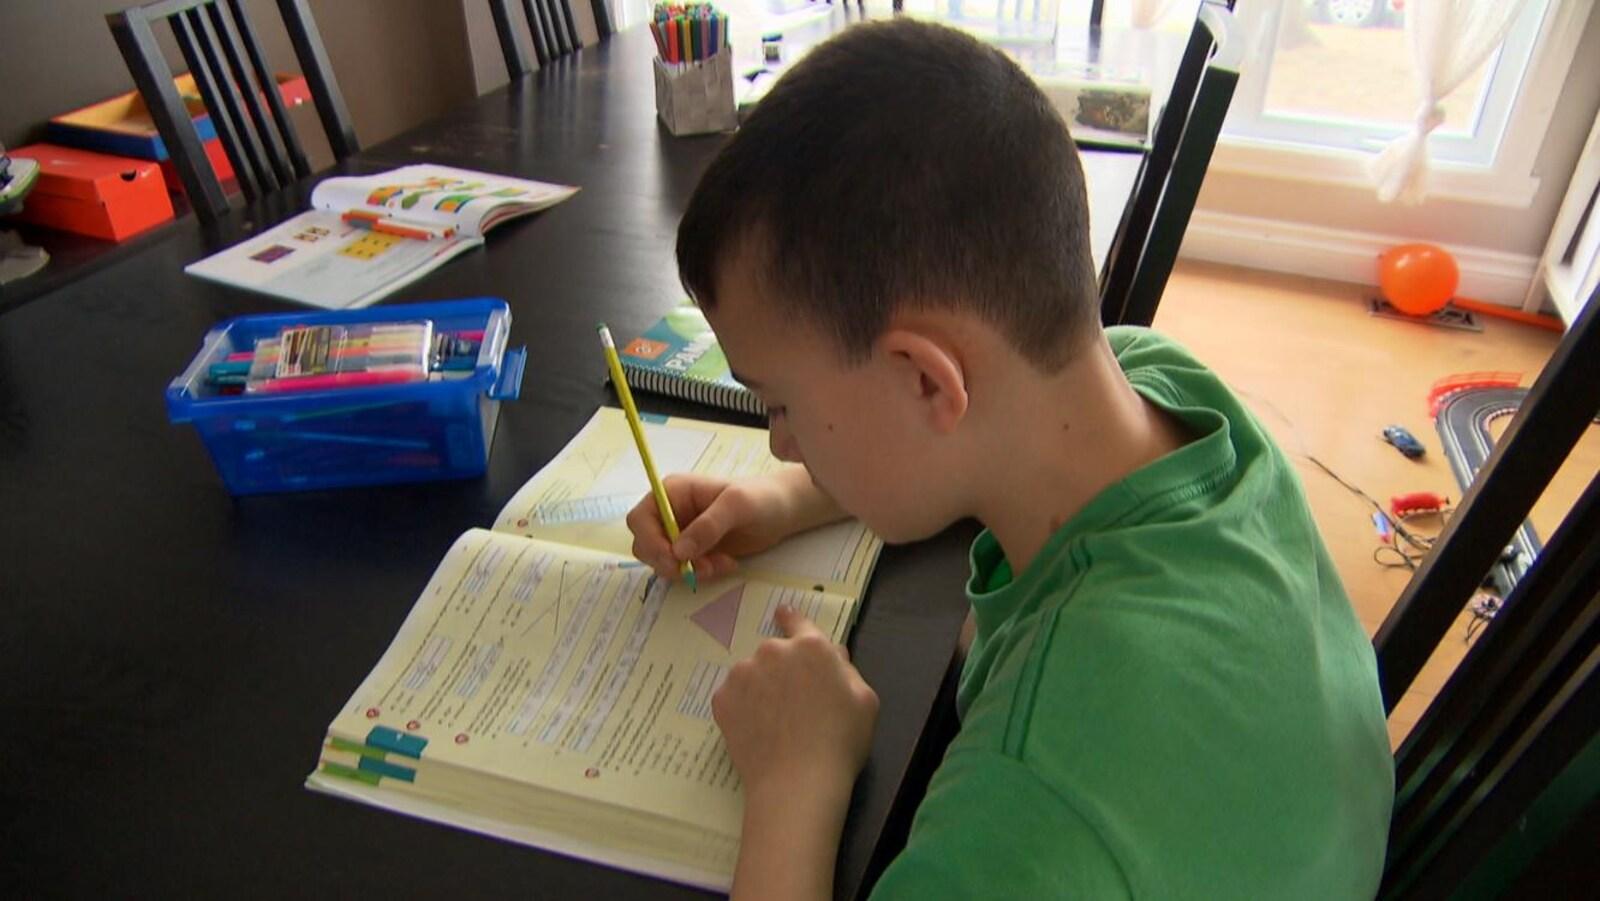 Un jeune garçon fait ses devoirs sur la table de la maison familiale.